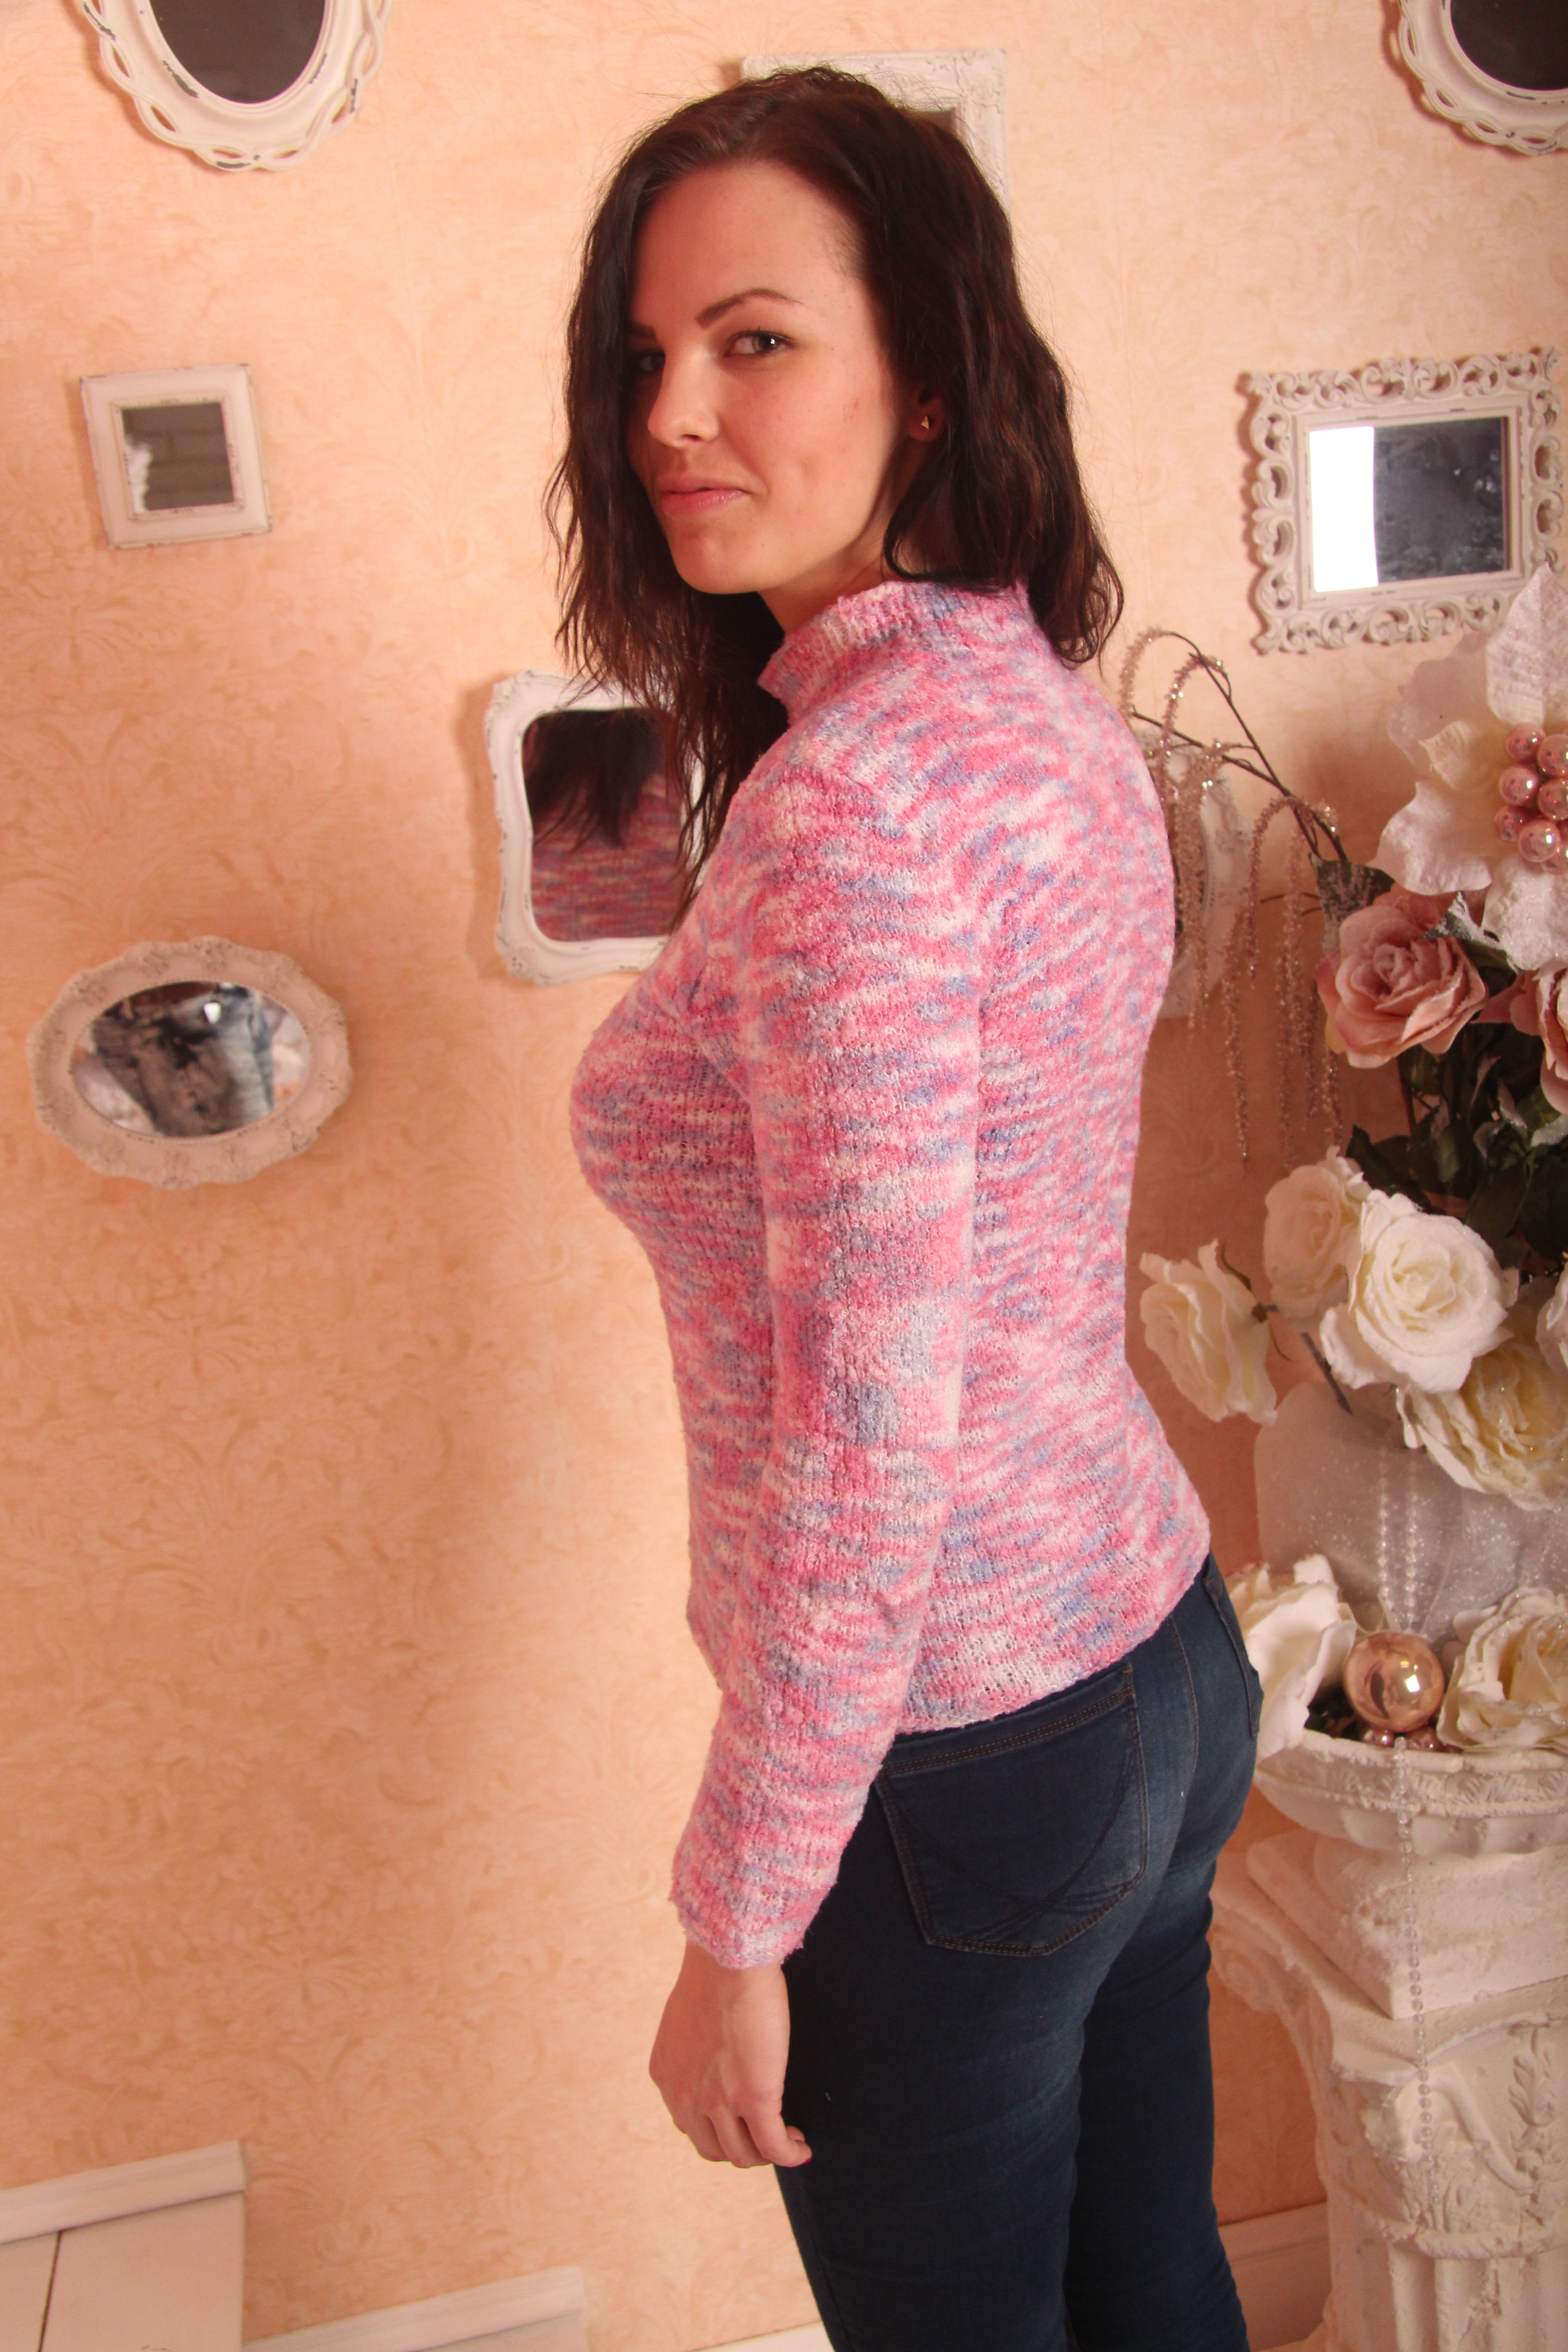 Розовый свитер вид сбоку